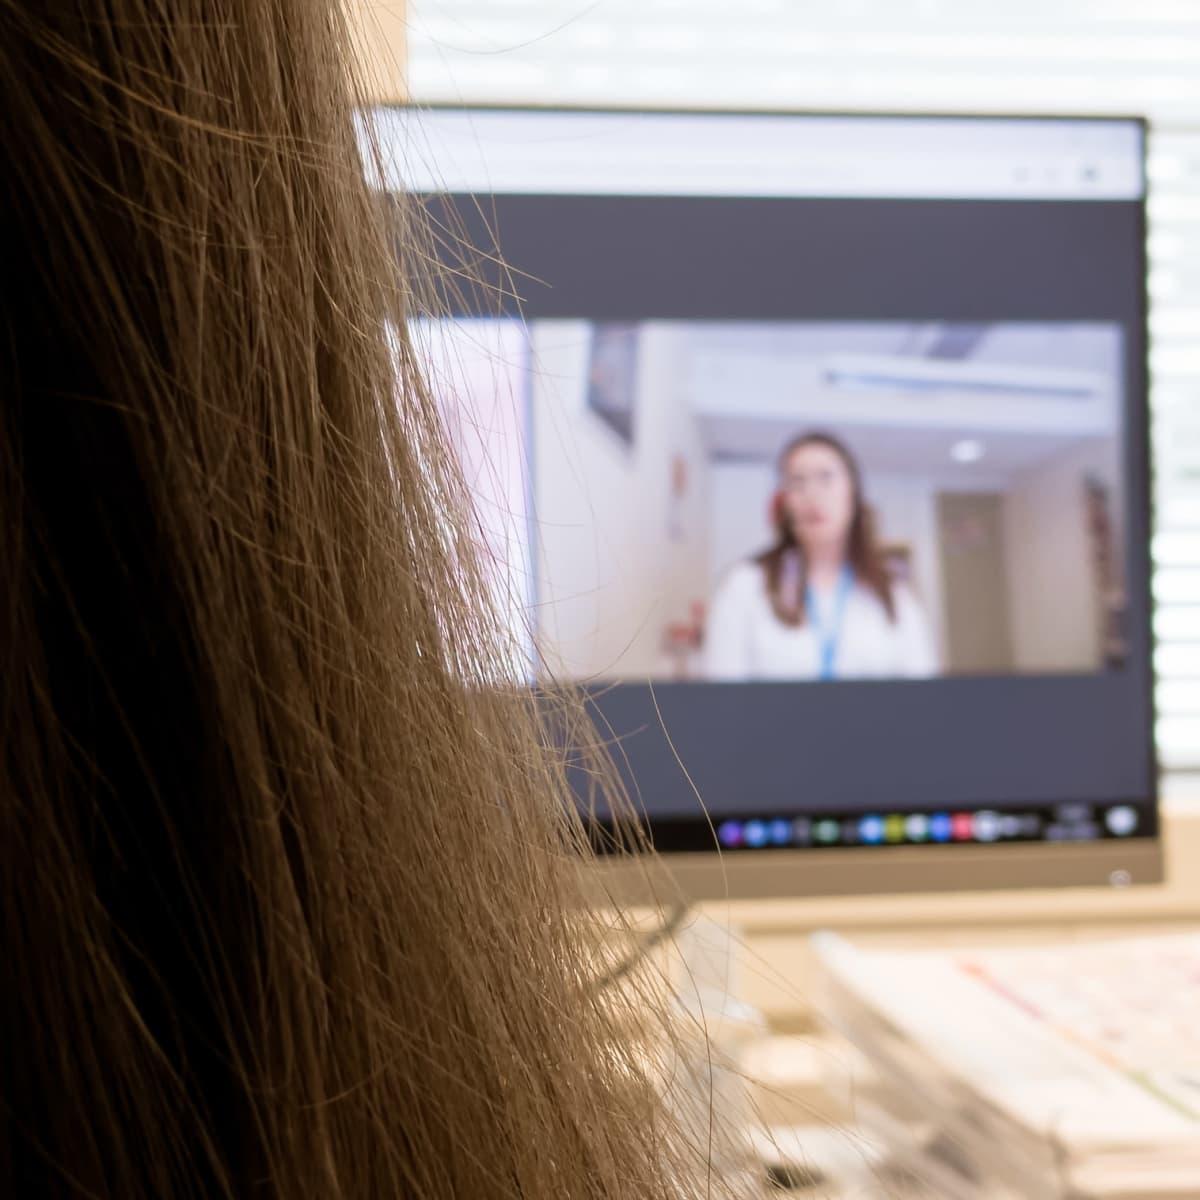 Eksoten ravitsemusterapeutti Iida Niemi tietokoneen ääressä pitämässä etävastaanottoa.